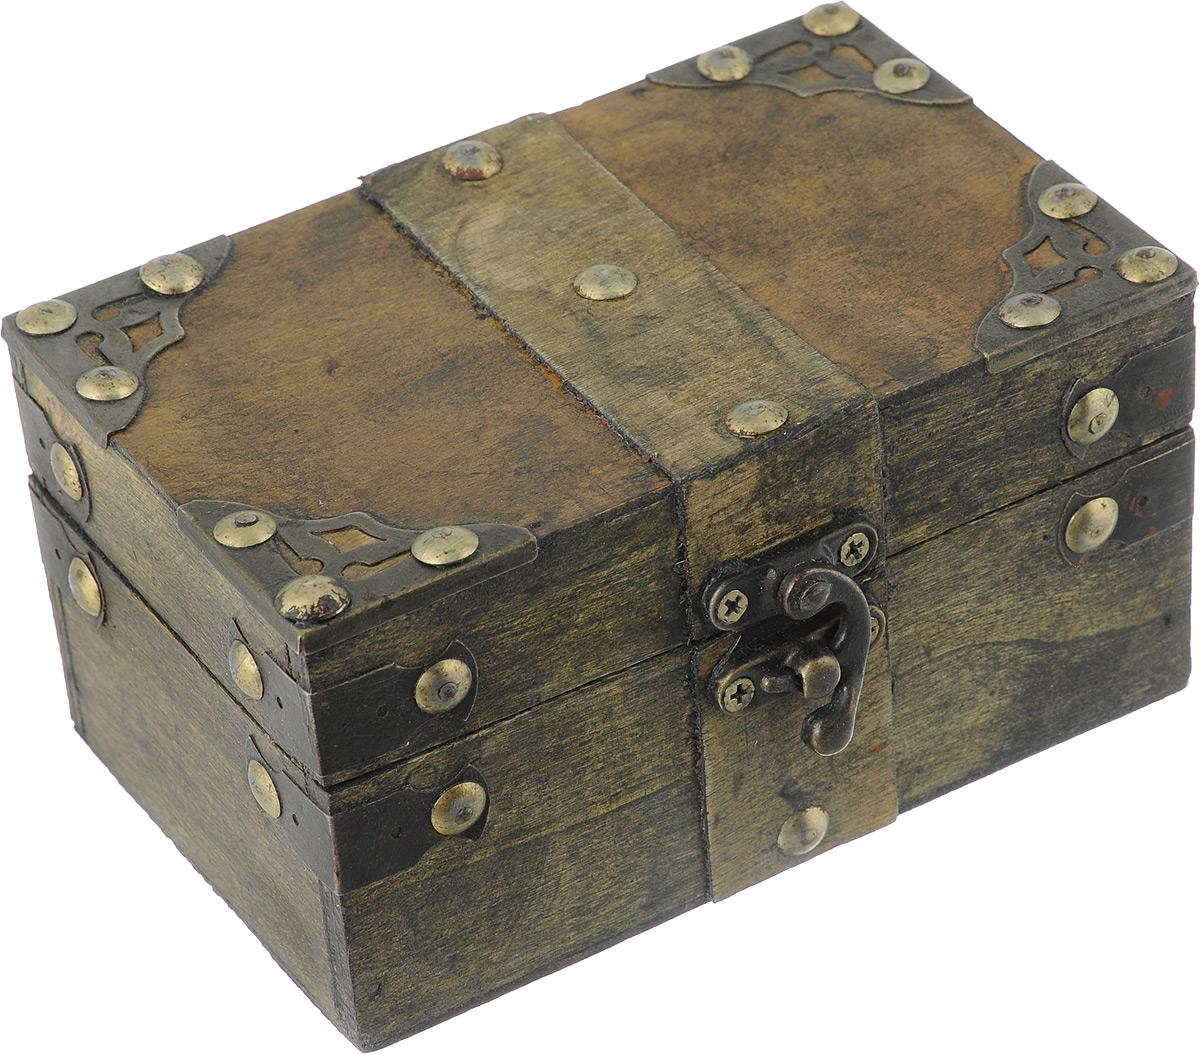 Шкатулка декоративная Bestex, 14 х 9 х 7,5 см7716745Декоративная шкатулка Bestex, выполненная в виде старинного сундука, идеально подойдет для хранения бижутерии, принадлежностей для шитья, различных мелочей и безделушек. Изделие выполнено из МДФ и декорировано металлическими элементами. Закрывается на металлический курковый замок. Такая шкатулка станет отличным подарком человеку, ценящему необычные и стильные аксессуары.